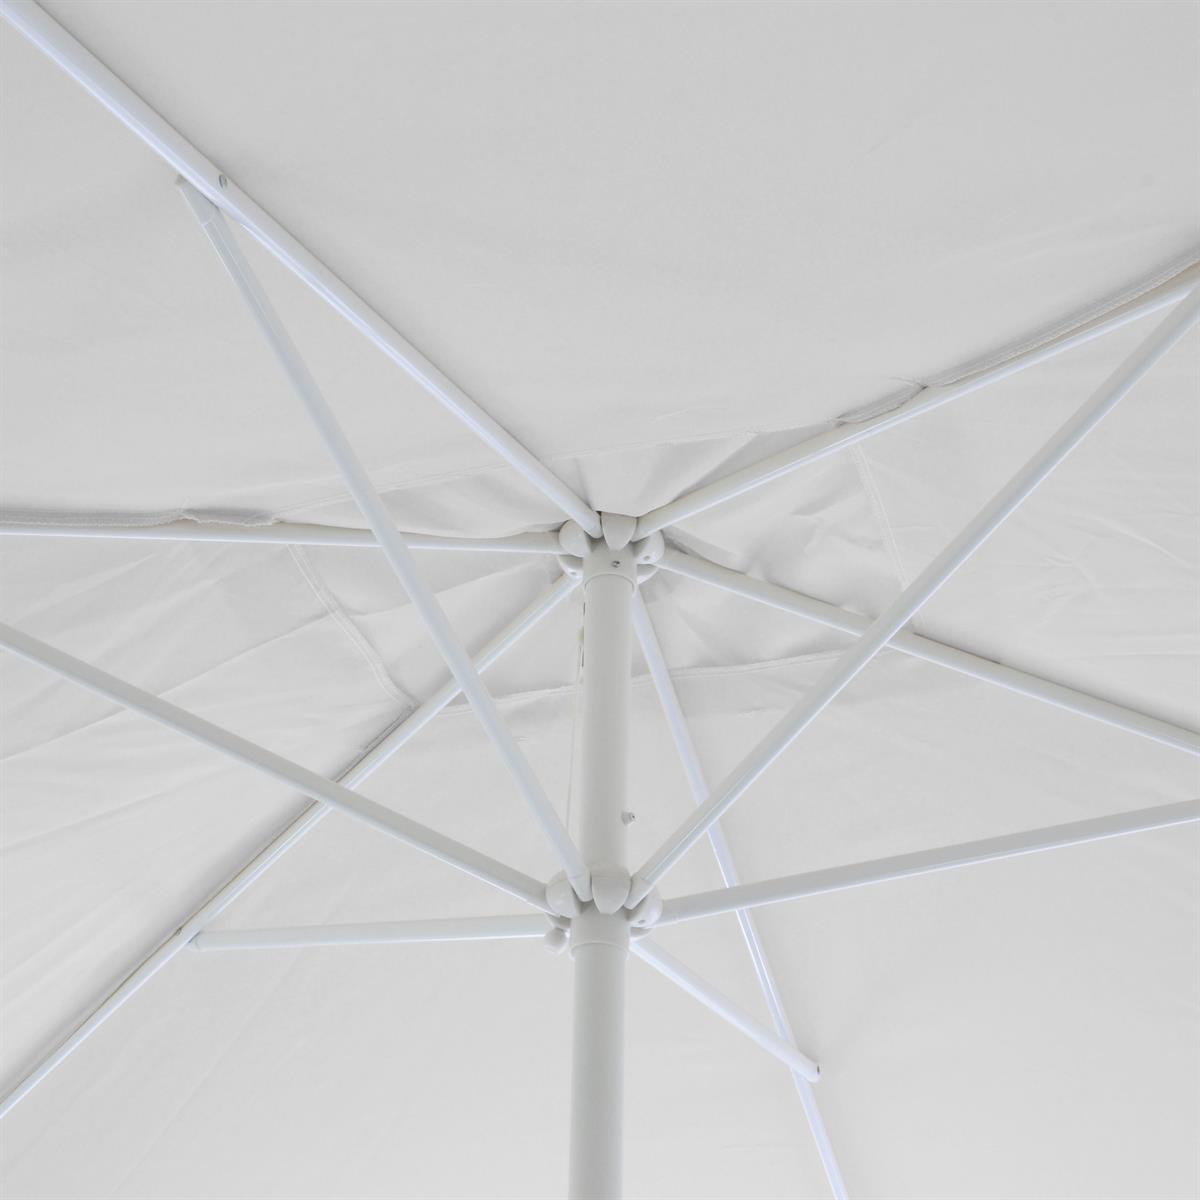 marktschirm sonnenschirm rechteckig 2x3 m wei polyester. Black Bedroom Furniture Sets. Home Design Ideas